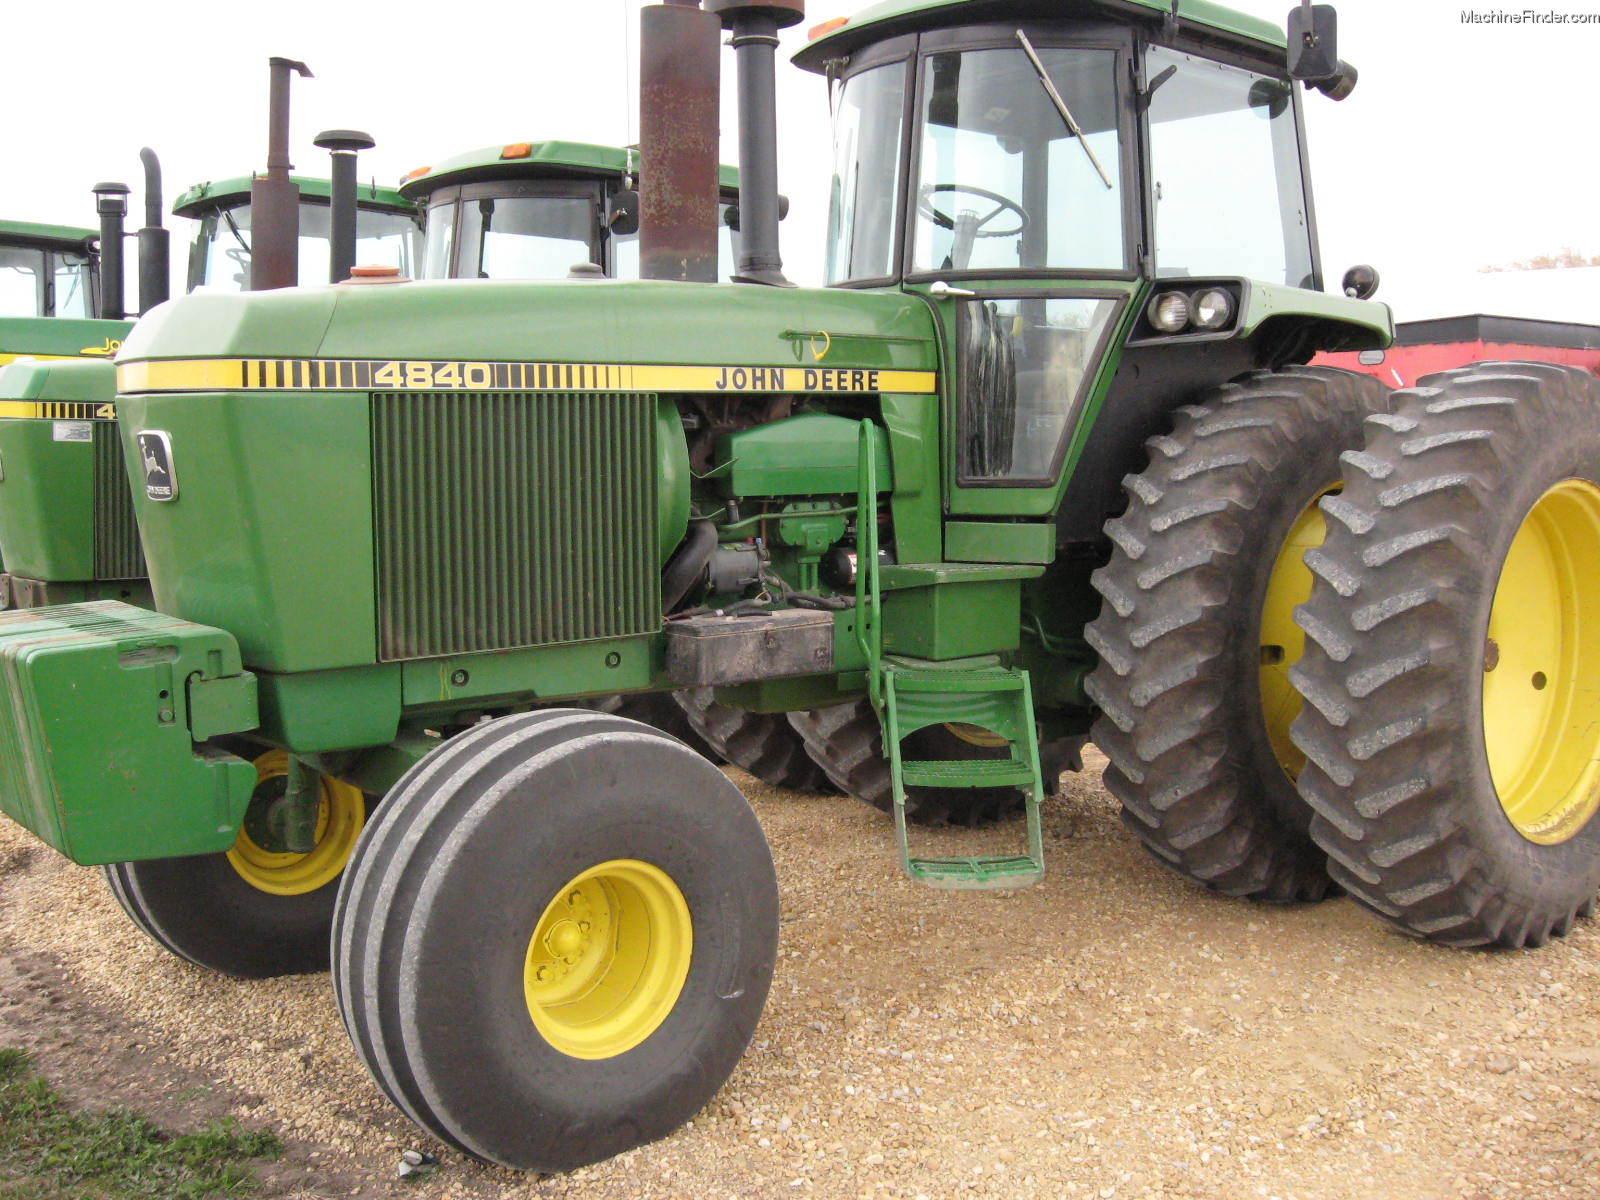 1980 John Deere 4840 Tractors - Row Crop (+100hp) - John ...